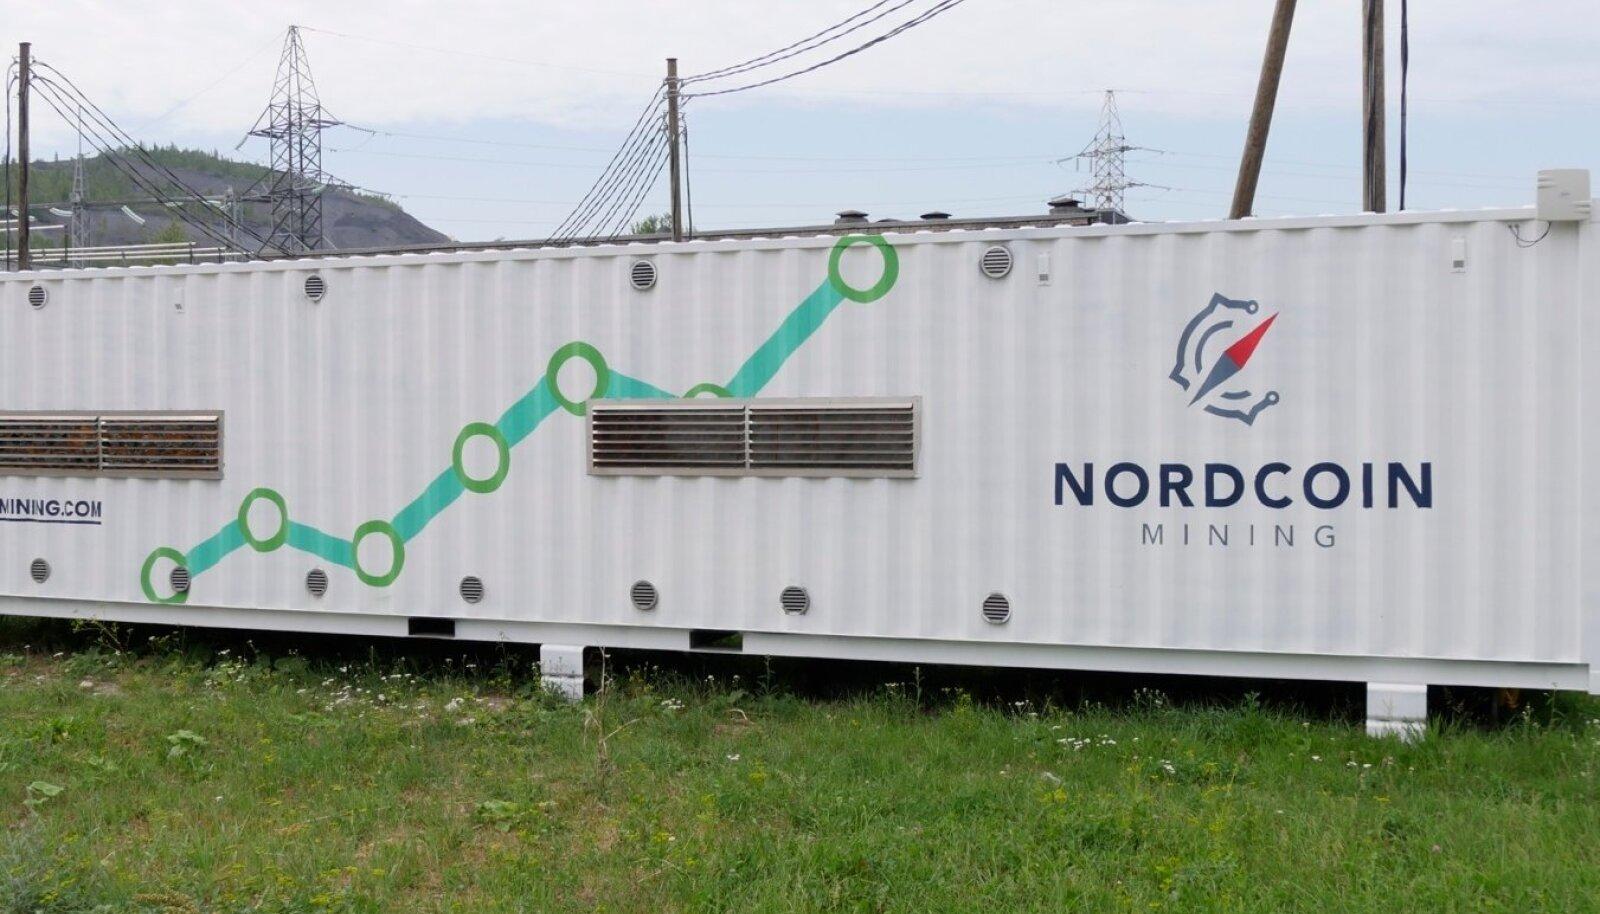 NordCoin Miningu konteiner